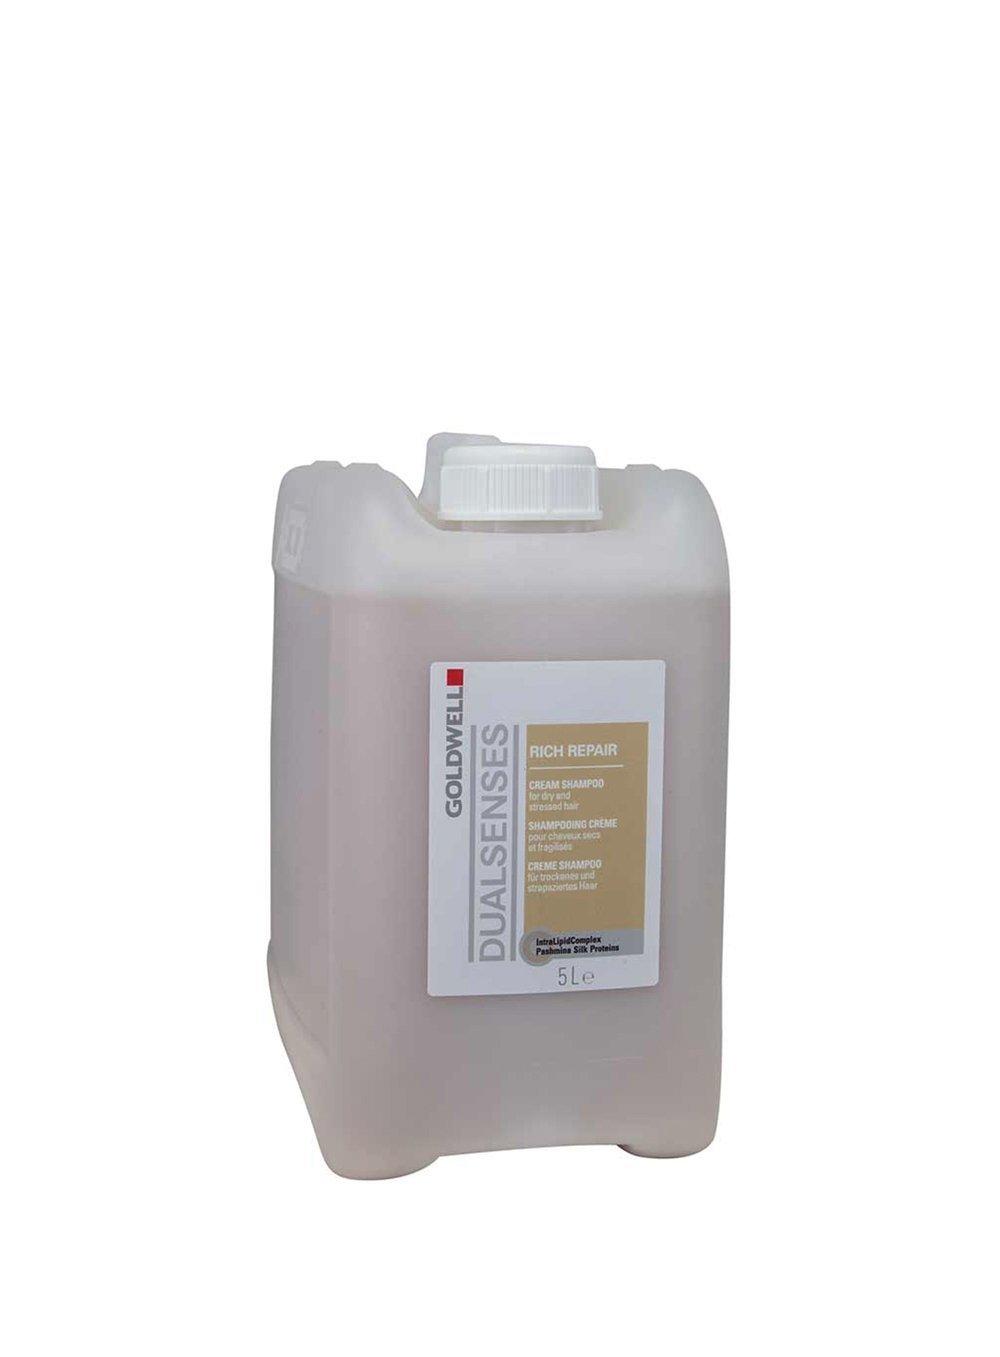 Goldwell Dualsenses Rich Repair Cream Shampoo By Goldwell 5 Liter Shampoo For Unisex